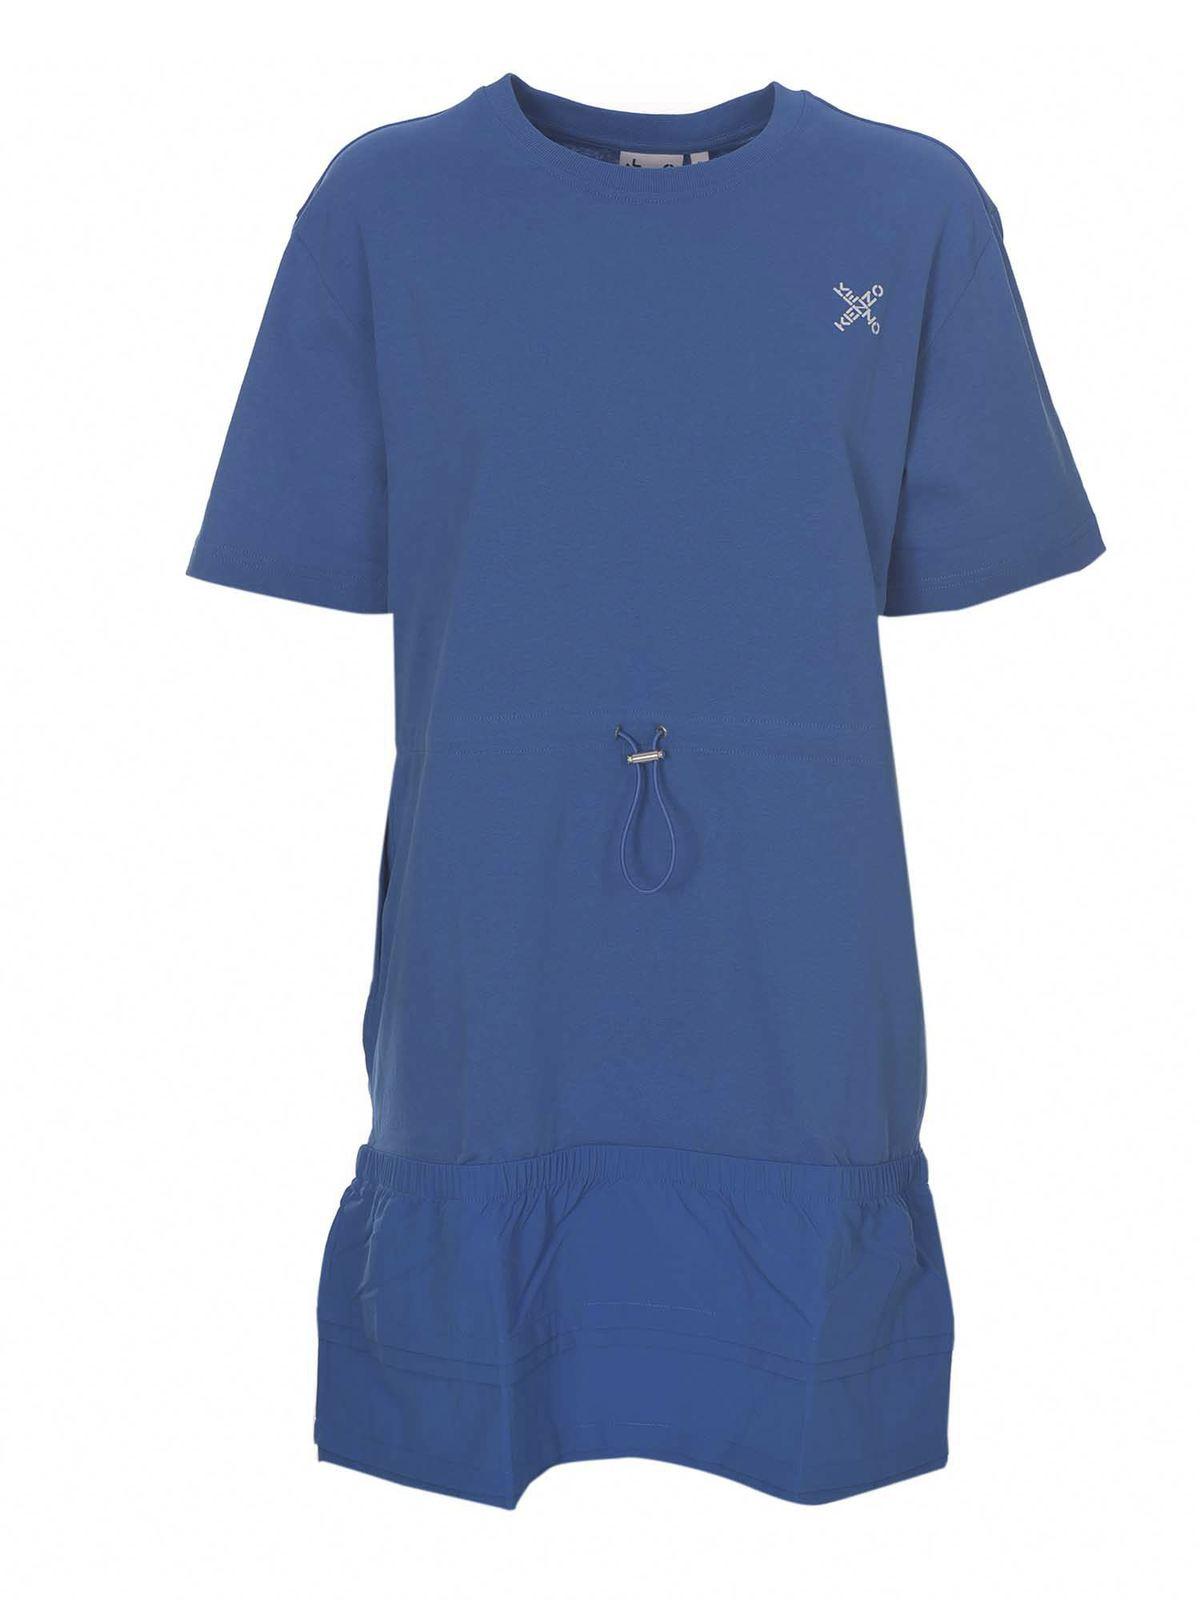 Kenzo LITTLE X T-SHIRT DRESS IN BLUE